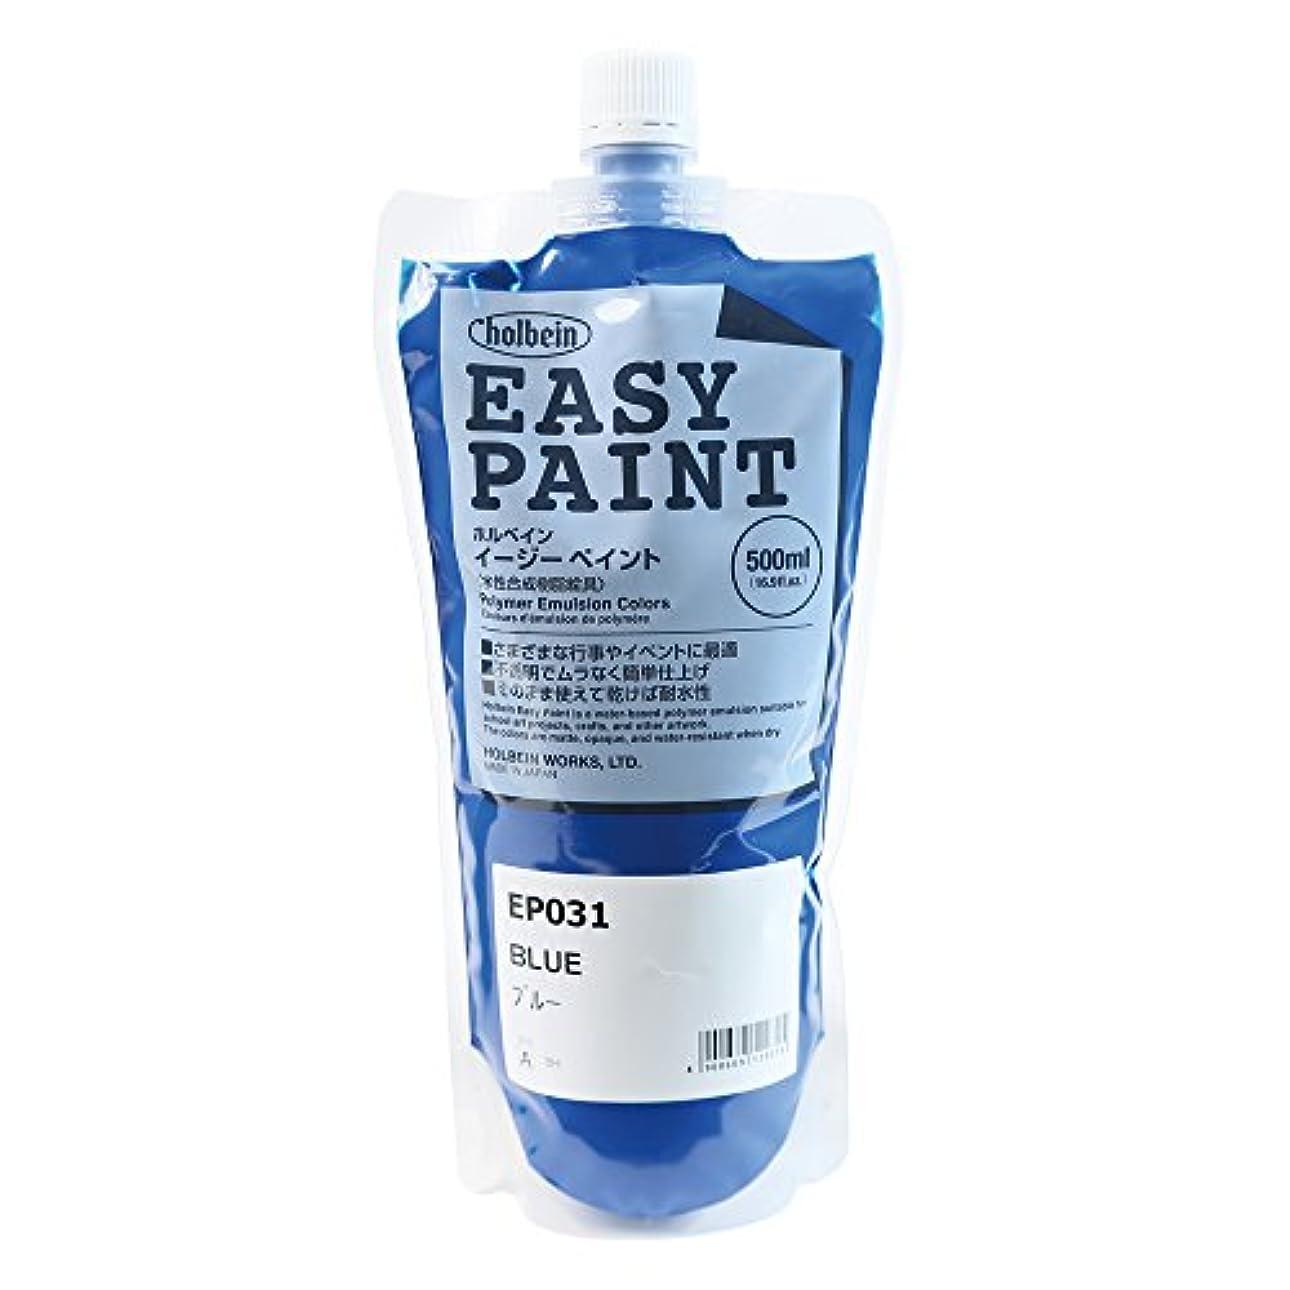 法令踏みつけパイロットホルベイン 水性合成樹脂絵具 イージーペイント 500ml ブルー EP031